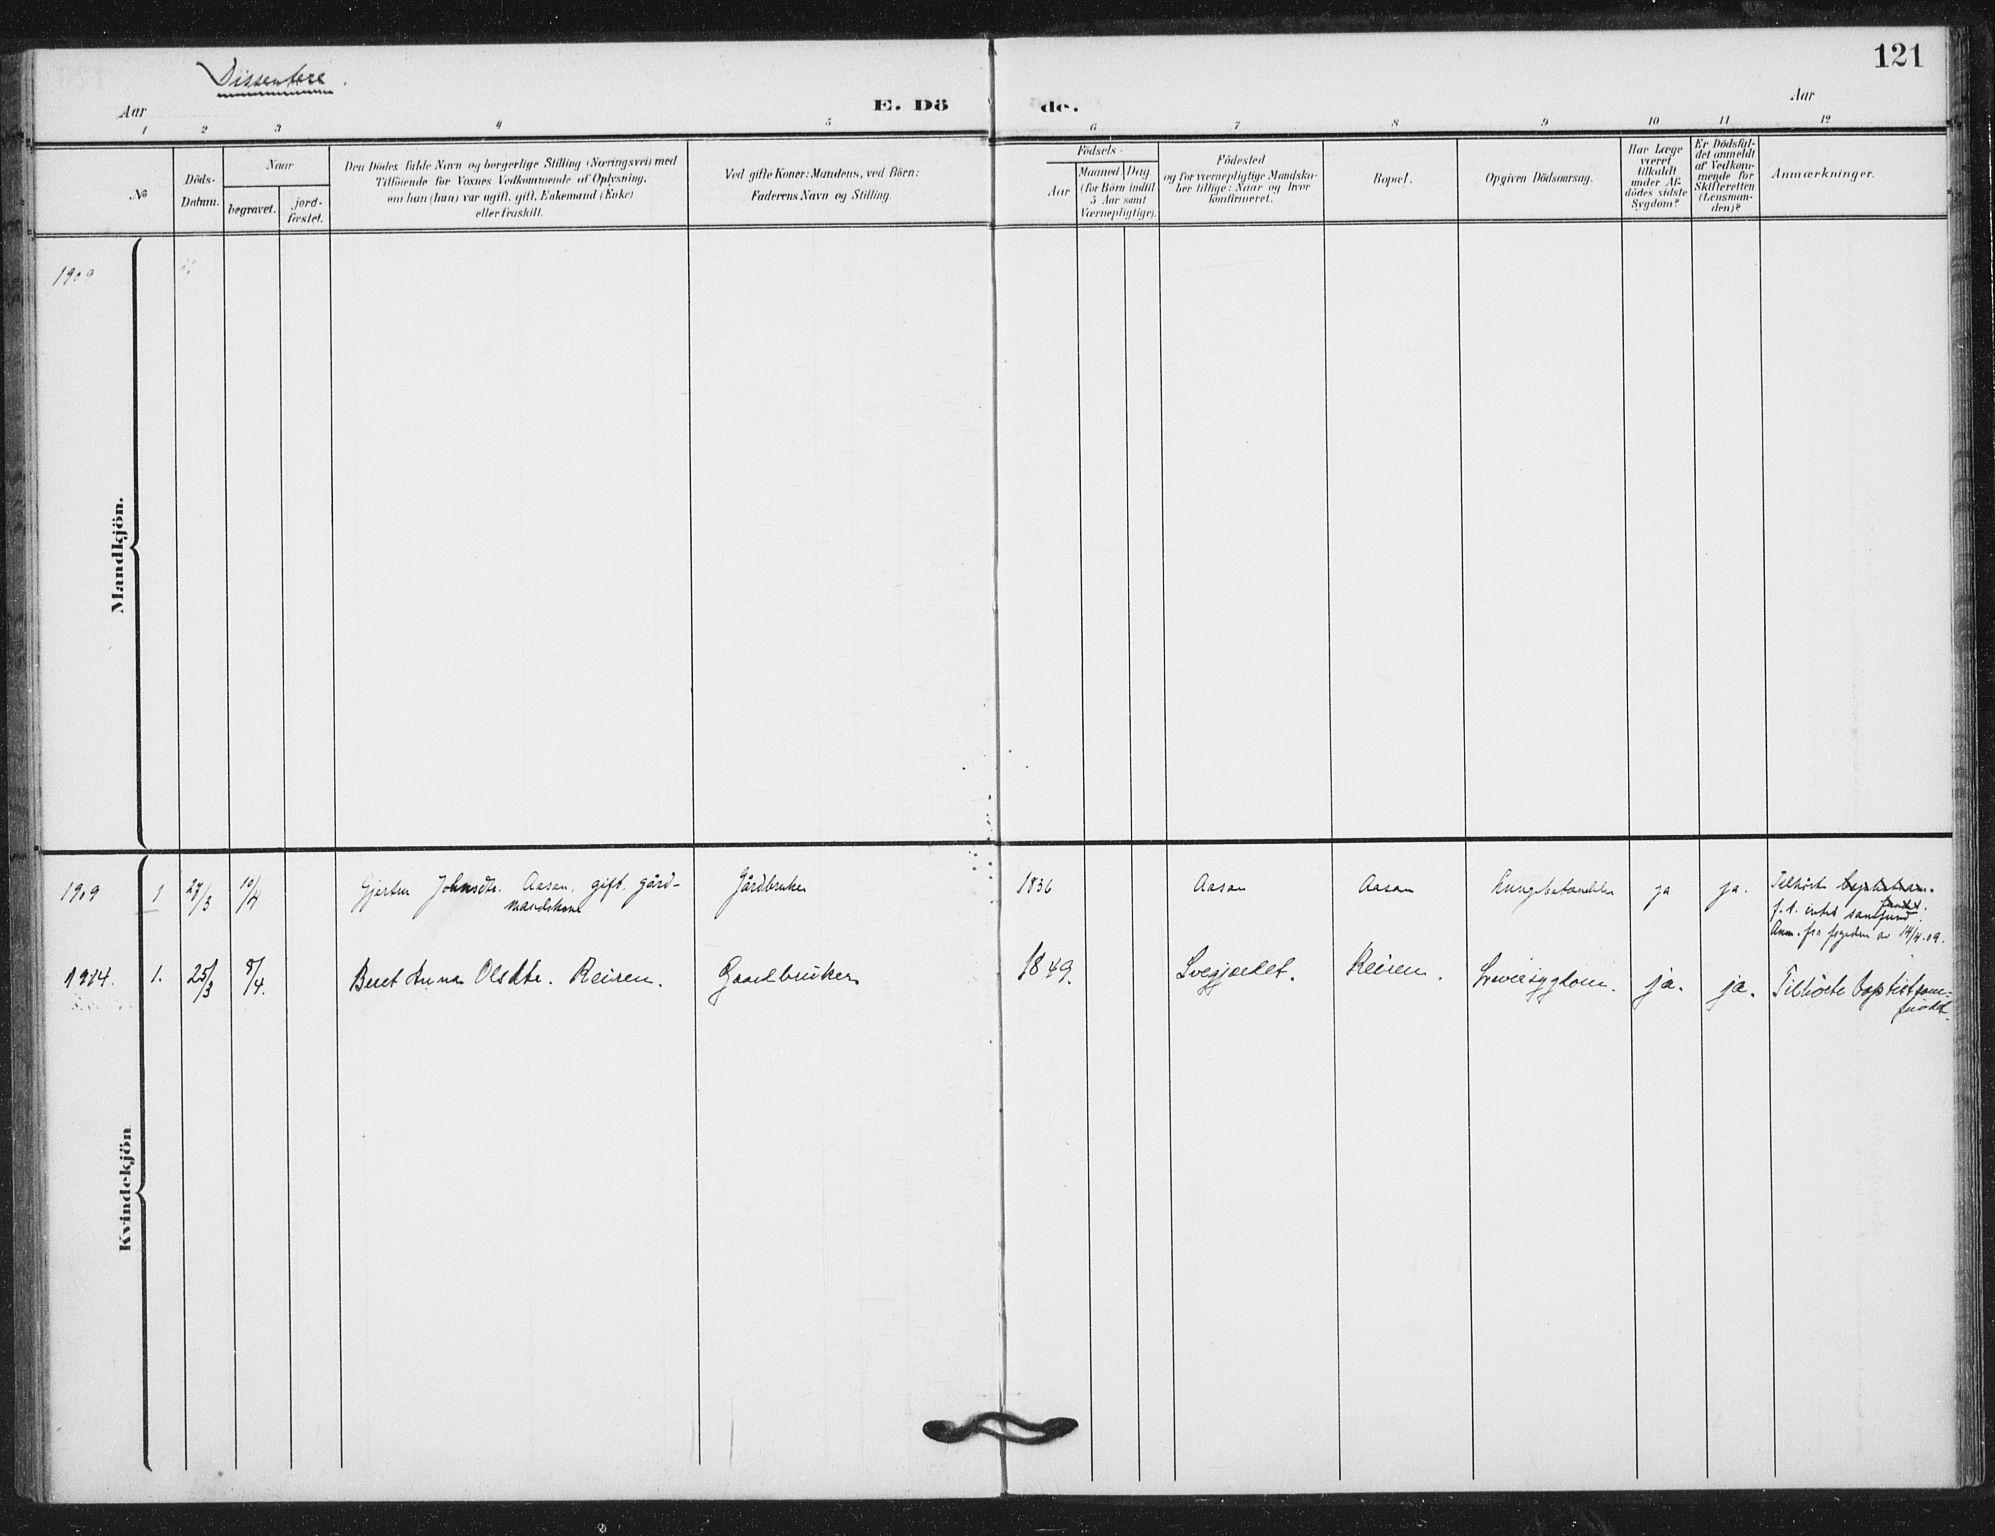 SAT, Ministerialprotokoller, klokkerbøker og fødselsregistre - Nord-Trøndelag, 724/L0264: Ministerialbok nr. 724A02, 1908-1915, s. 121